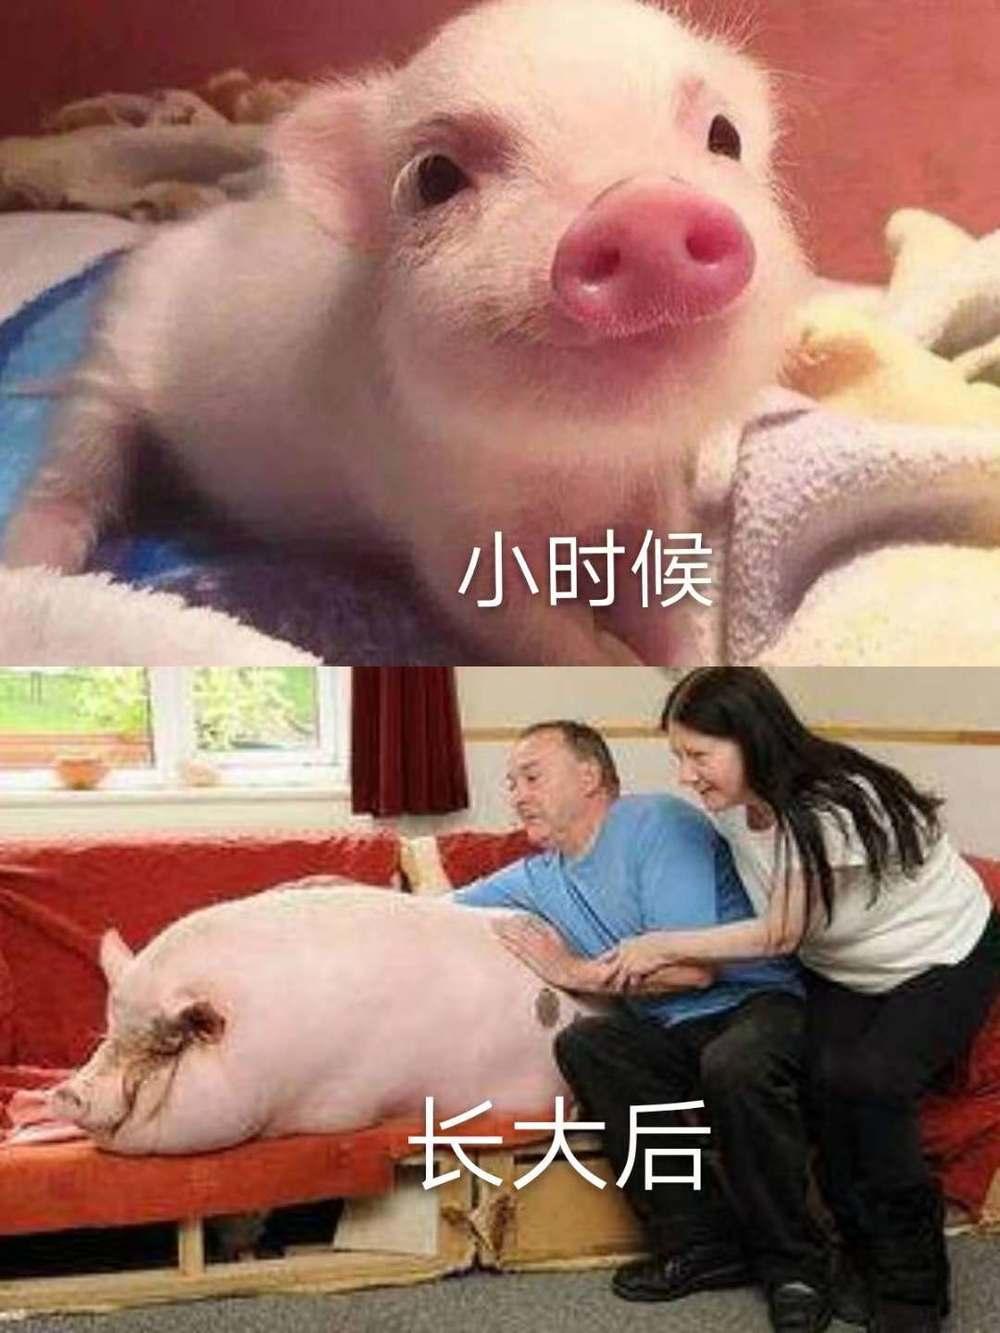 确认过你的脸,你是猪图片